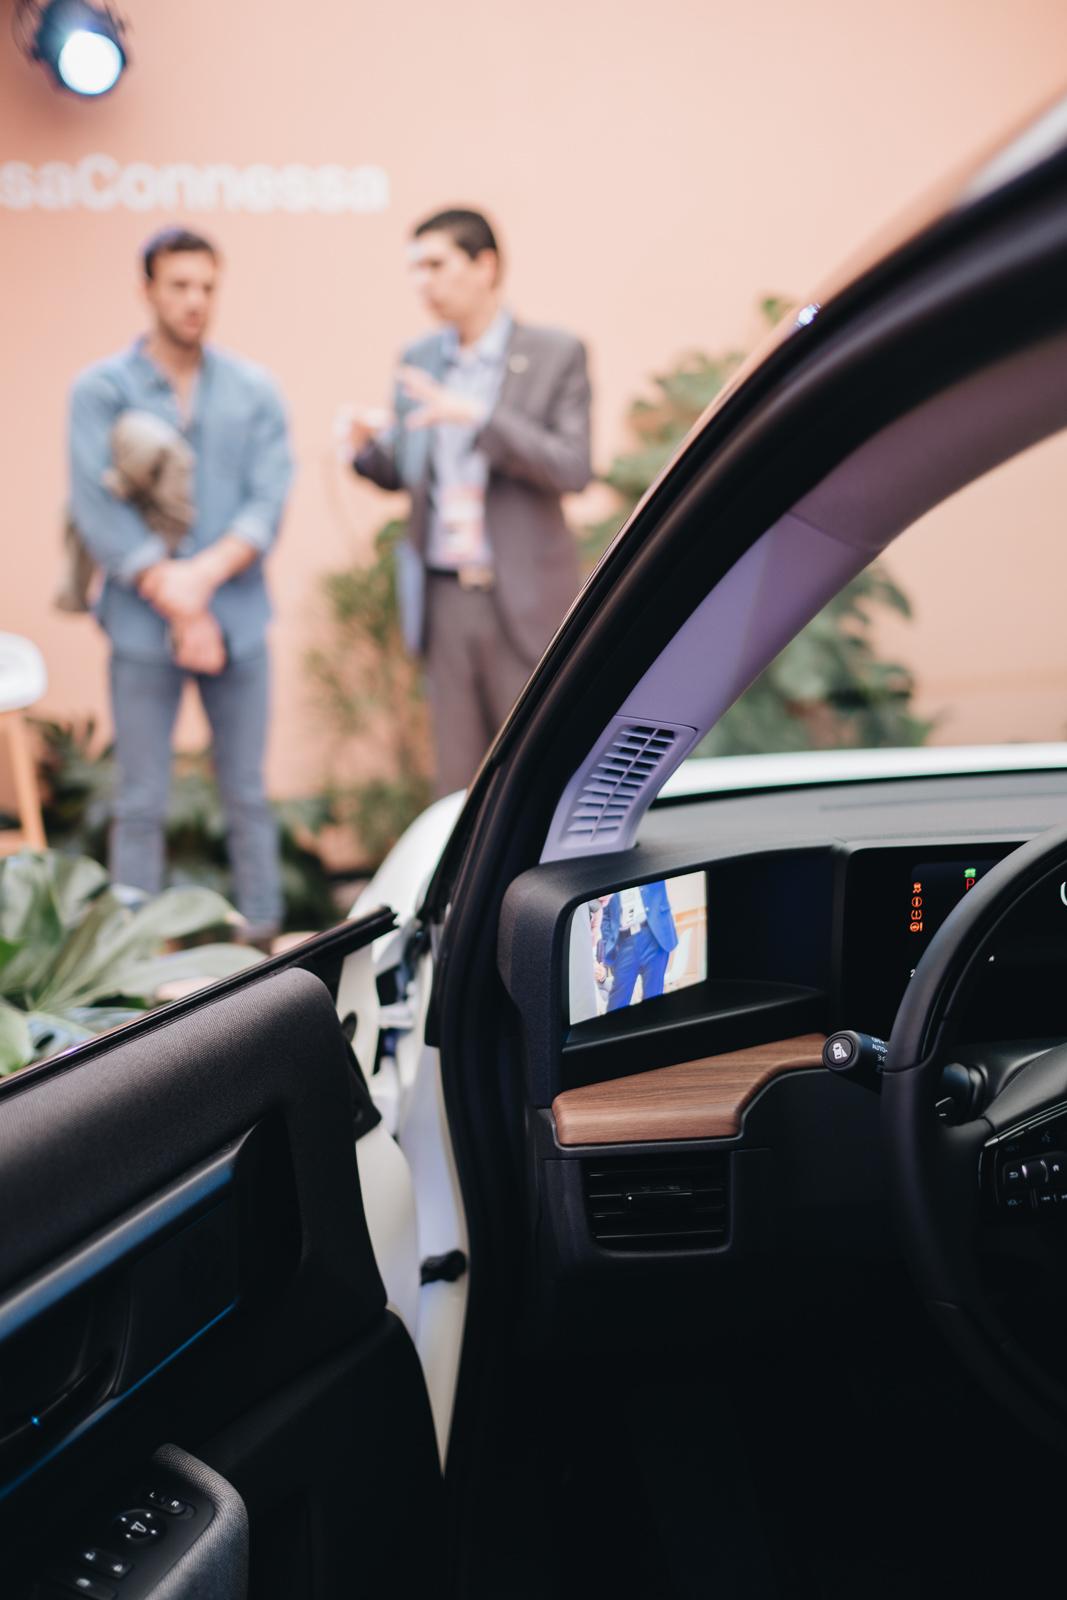 Fahren mit Konzept! Die #HondaExperience in der #CasaConnessa